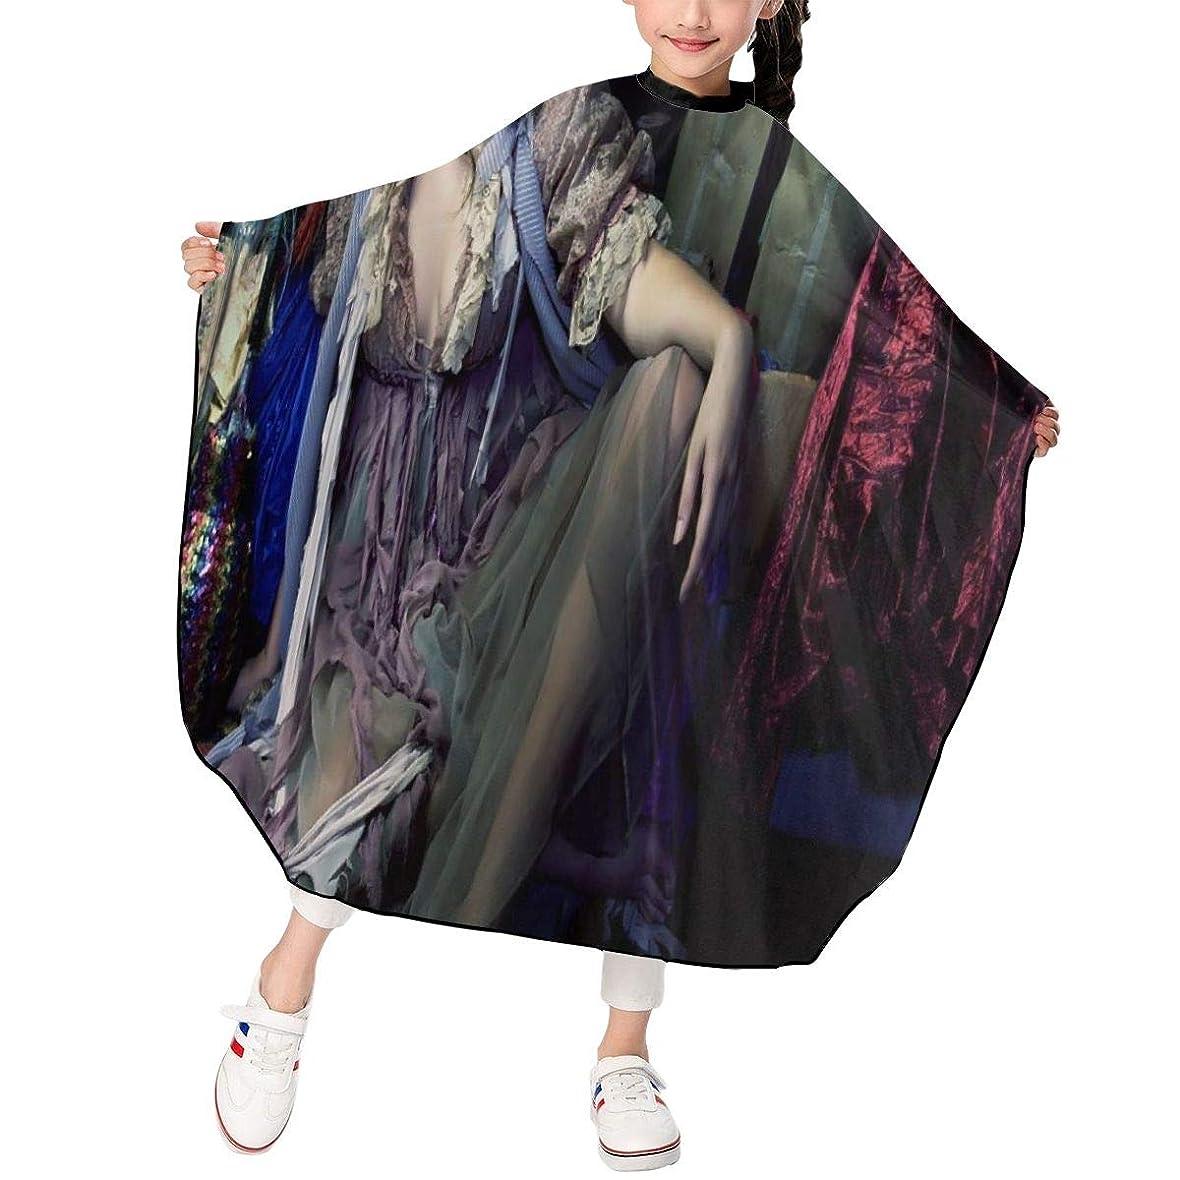 社会科小包ベリー最新の人気ヘアカットエプロン 子供用ヘアカットエプロン120×100cm 俳優ジェシカ アルバJessica Alba 柔らかく、軽量で、繊細なポリエステル生地、肌にやさしい、ドライ